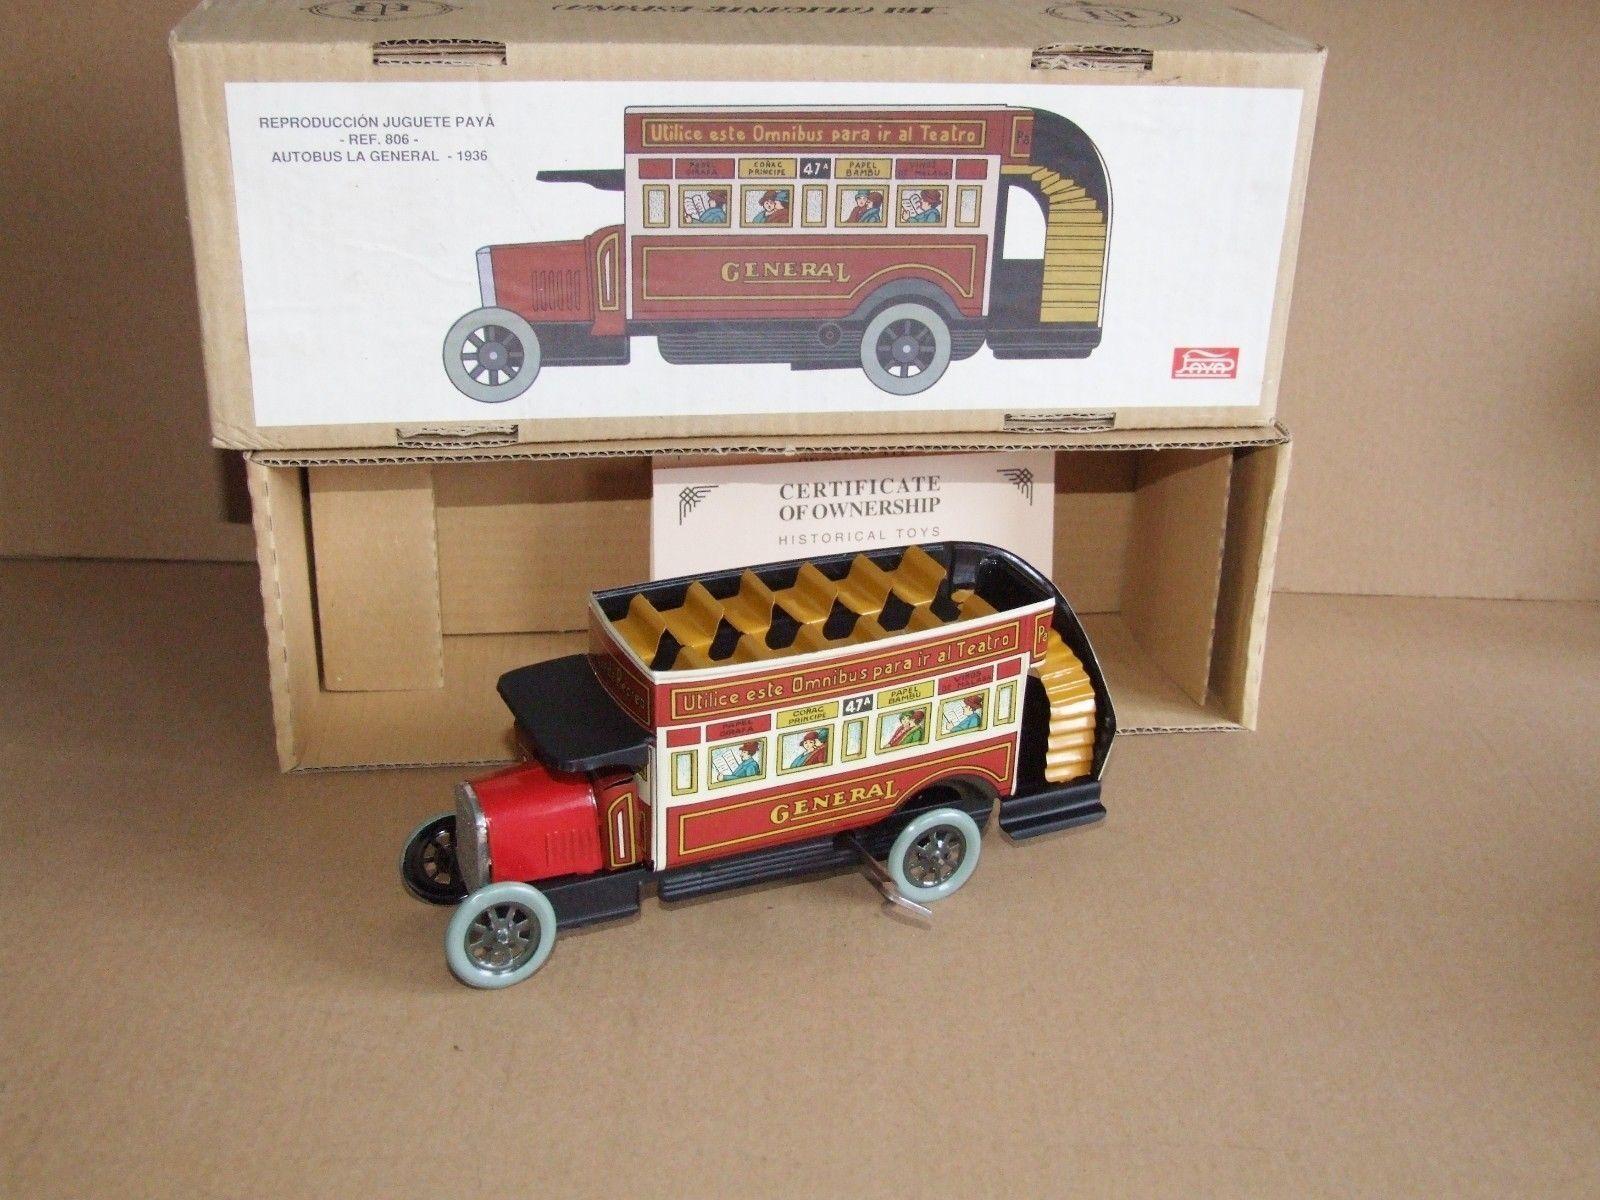 PAYA 806 Autobus La General 1936 Open Bus Omnibus